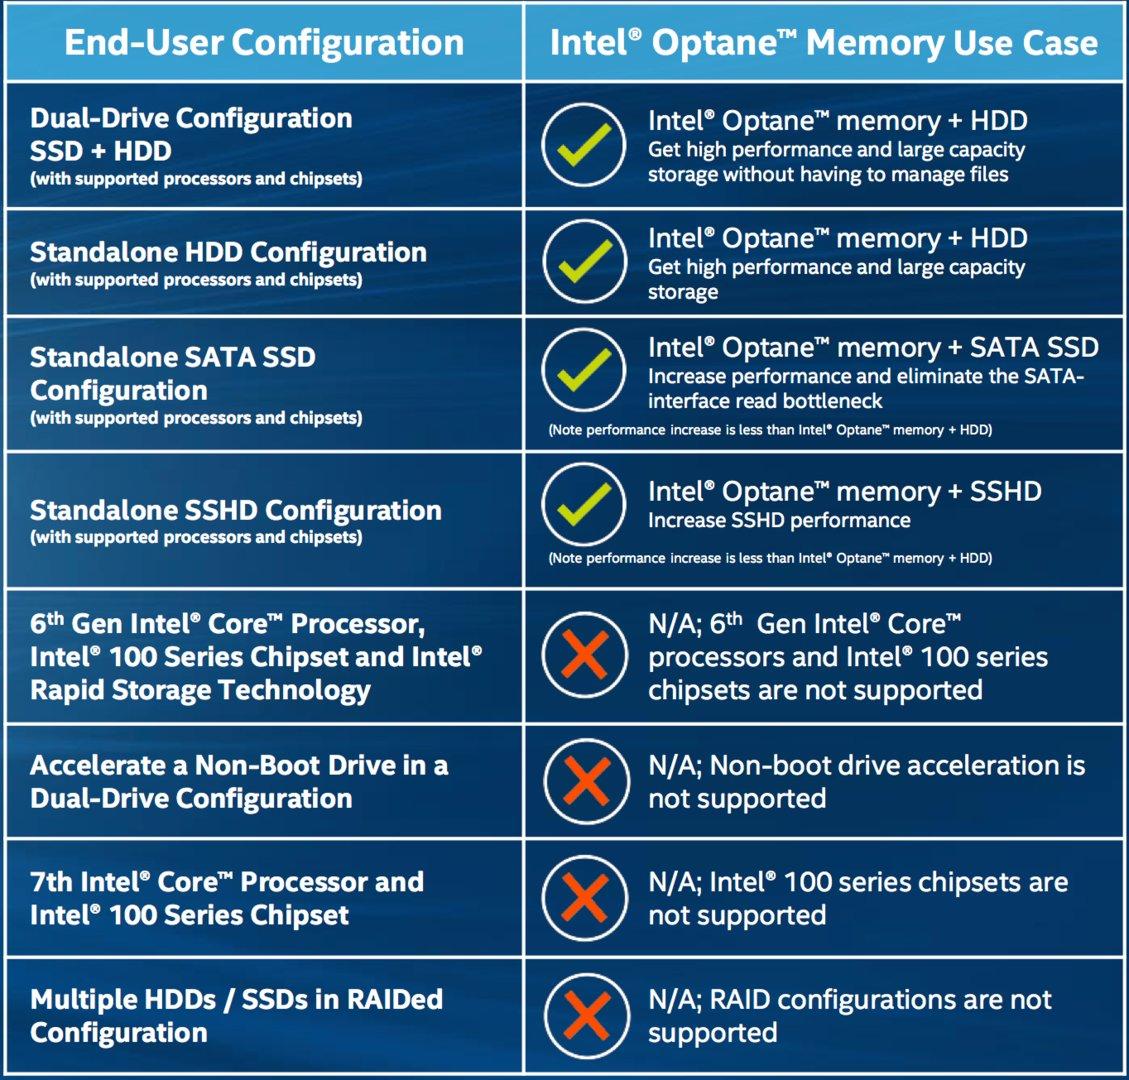 Einsatzgebiete für Optane Memory laut Intel